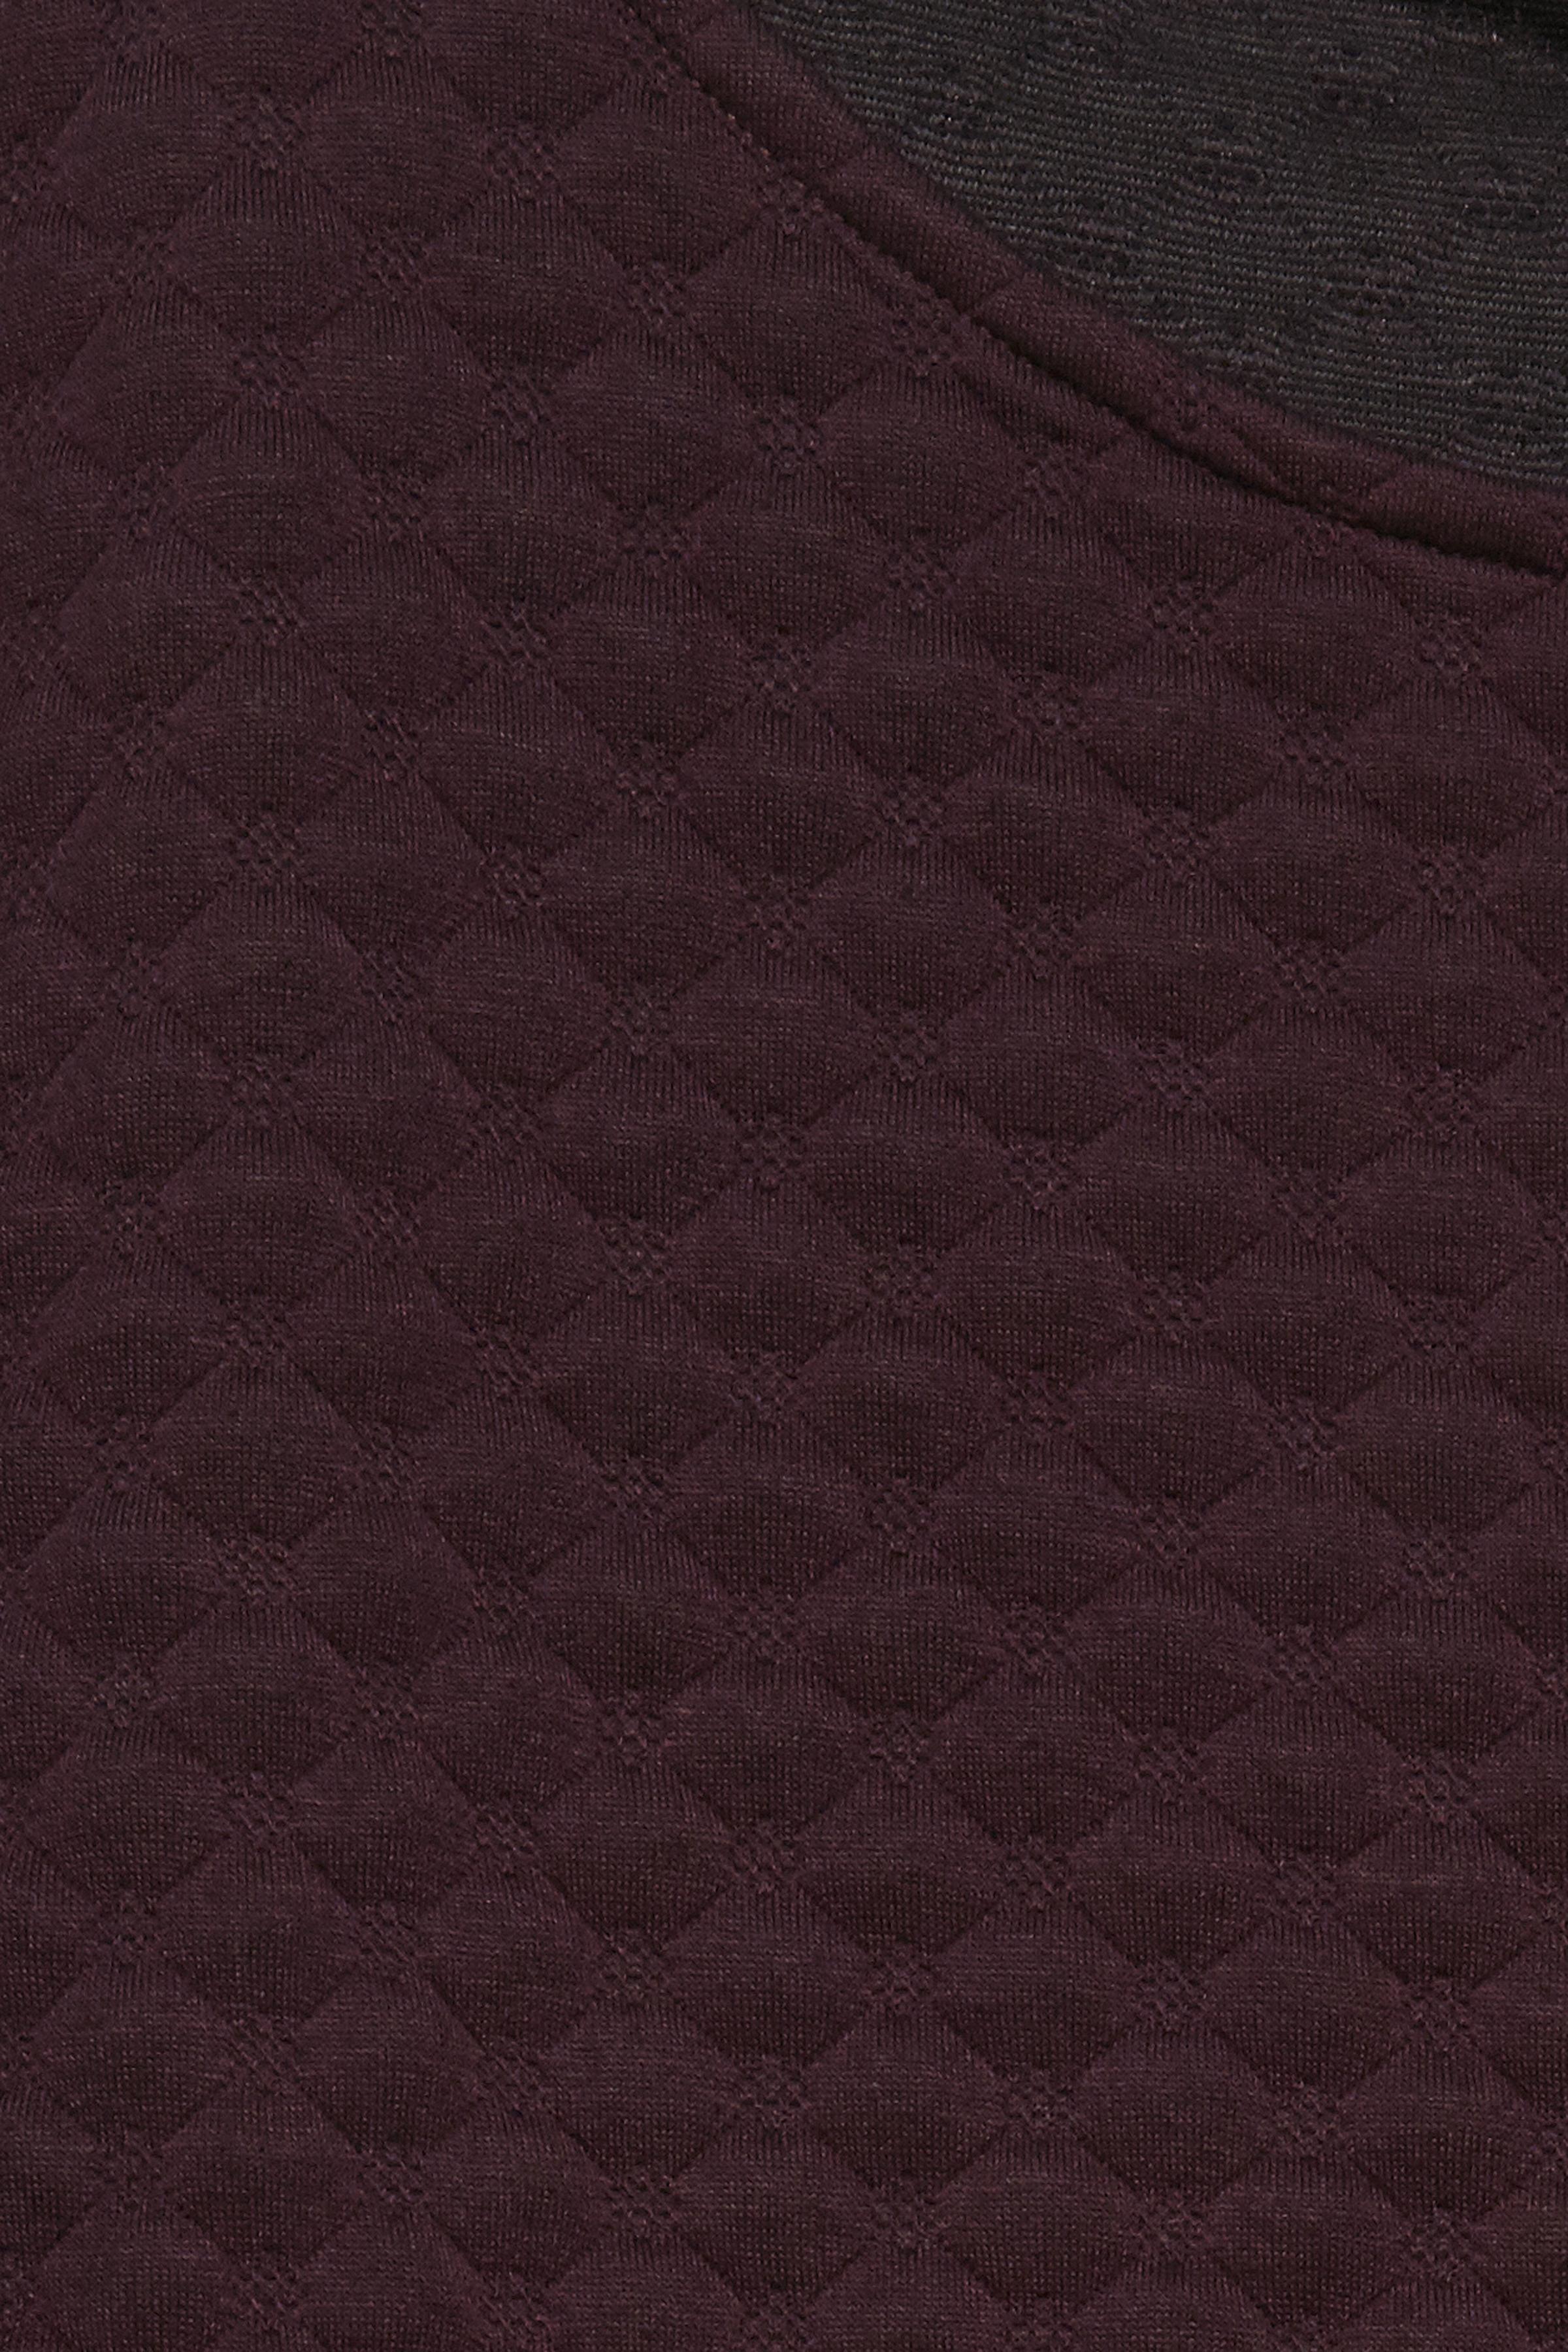 Beetroot Jerseykleid von b.young – Kaufen Sie Beetroot Jerseykleid aus Größe XS-XXL hier